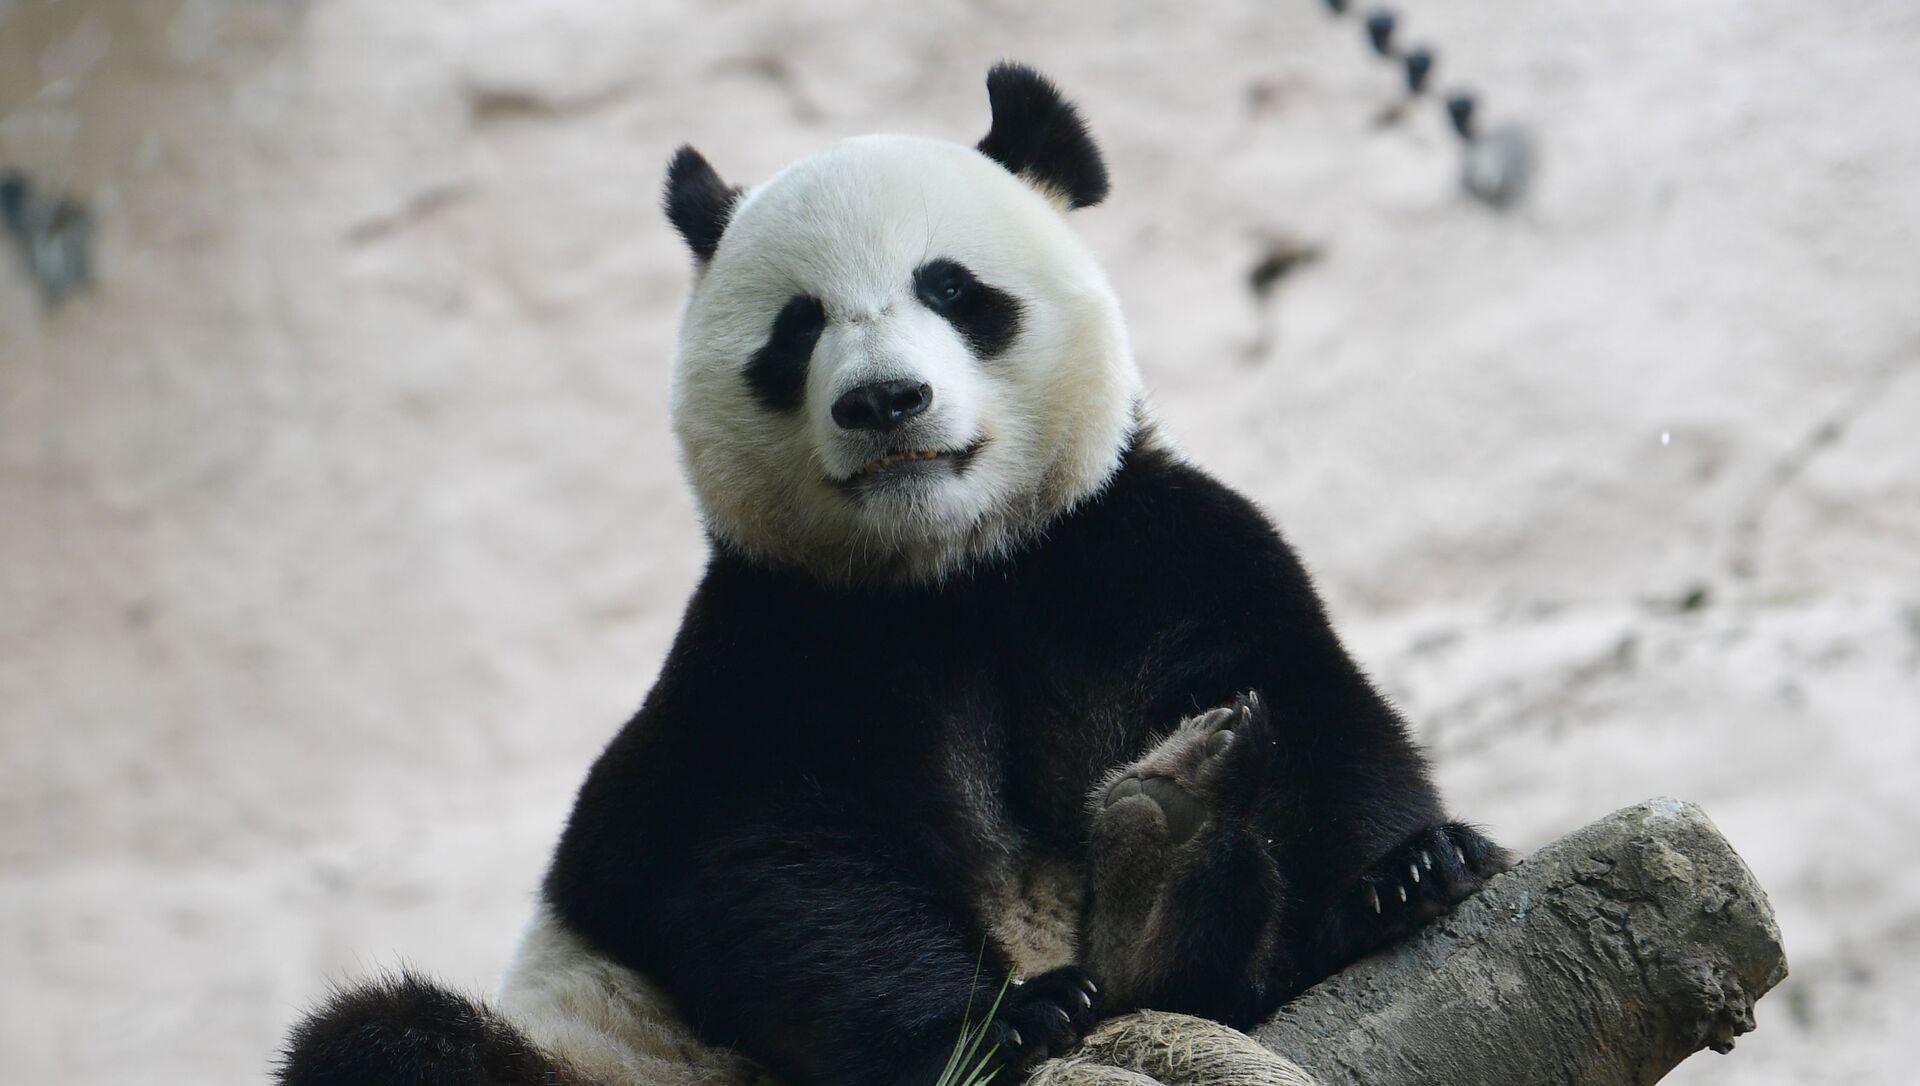 Panda en el Zoológico de Moscú - Sputnik Mundo, 1920, 06.02.2021